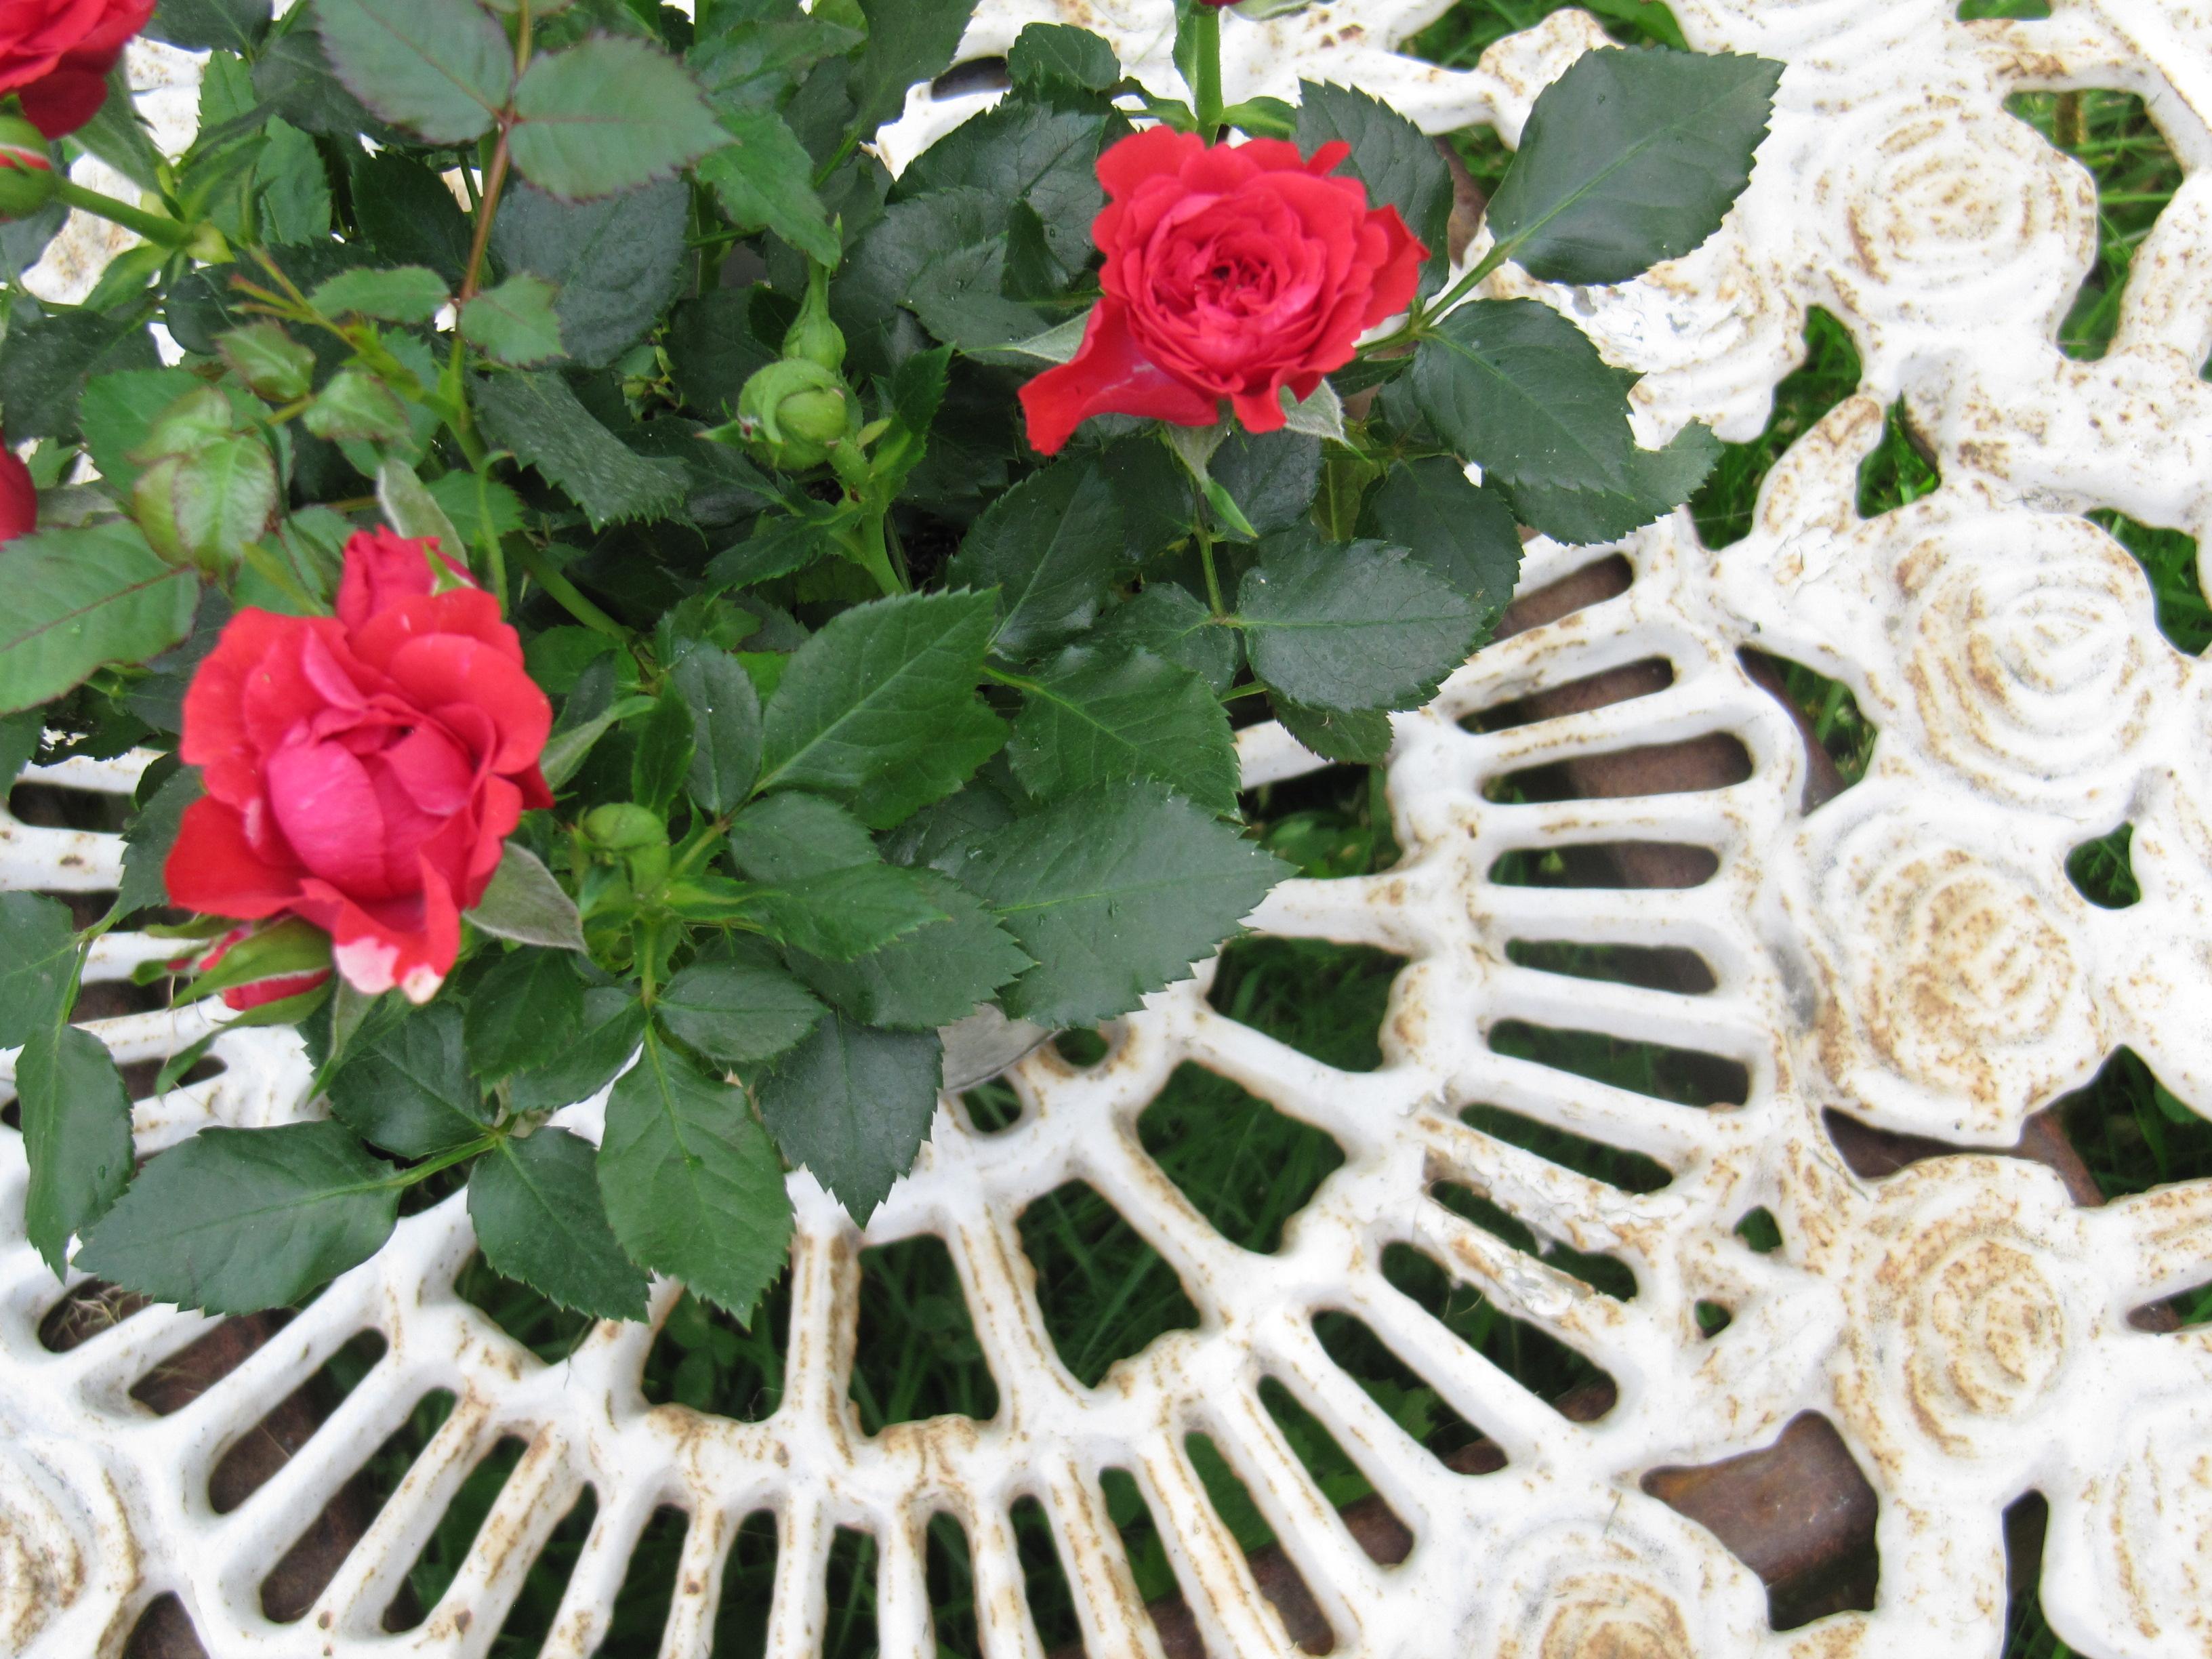 Rautaiset valkoiset puutarhakalusteet